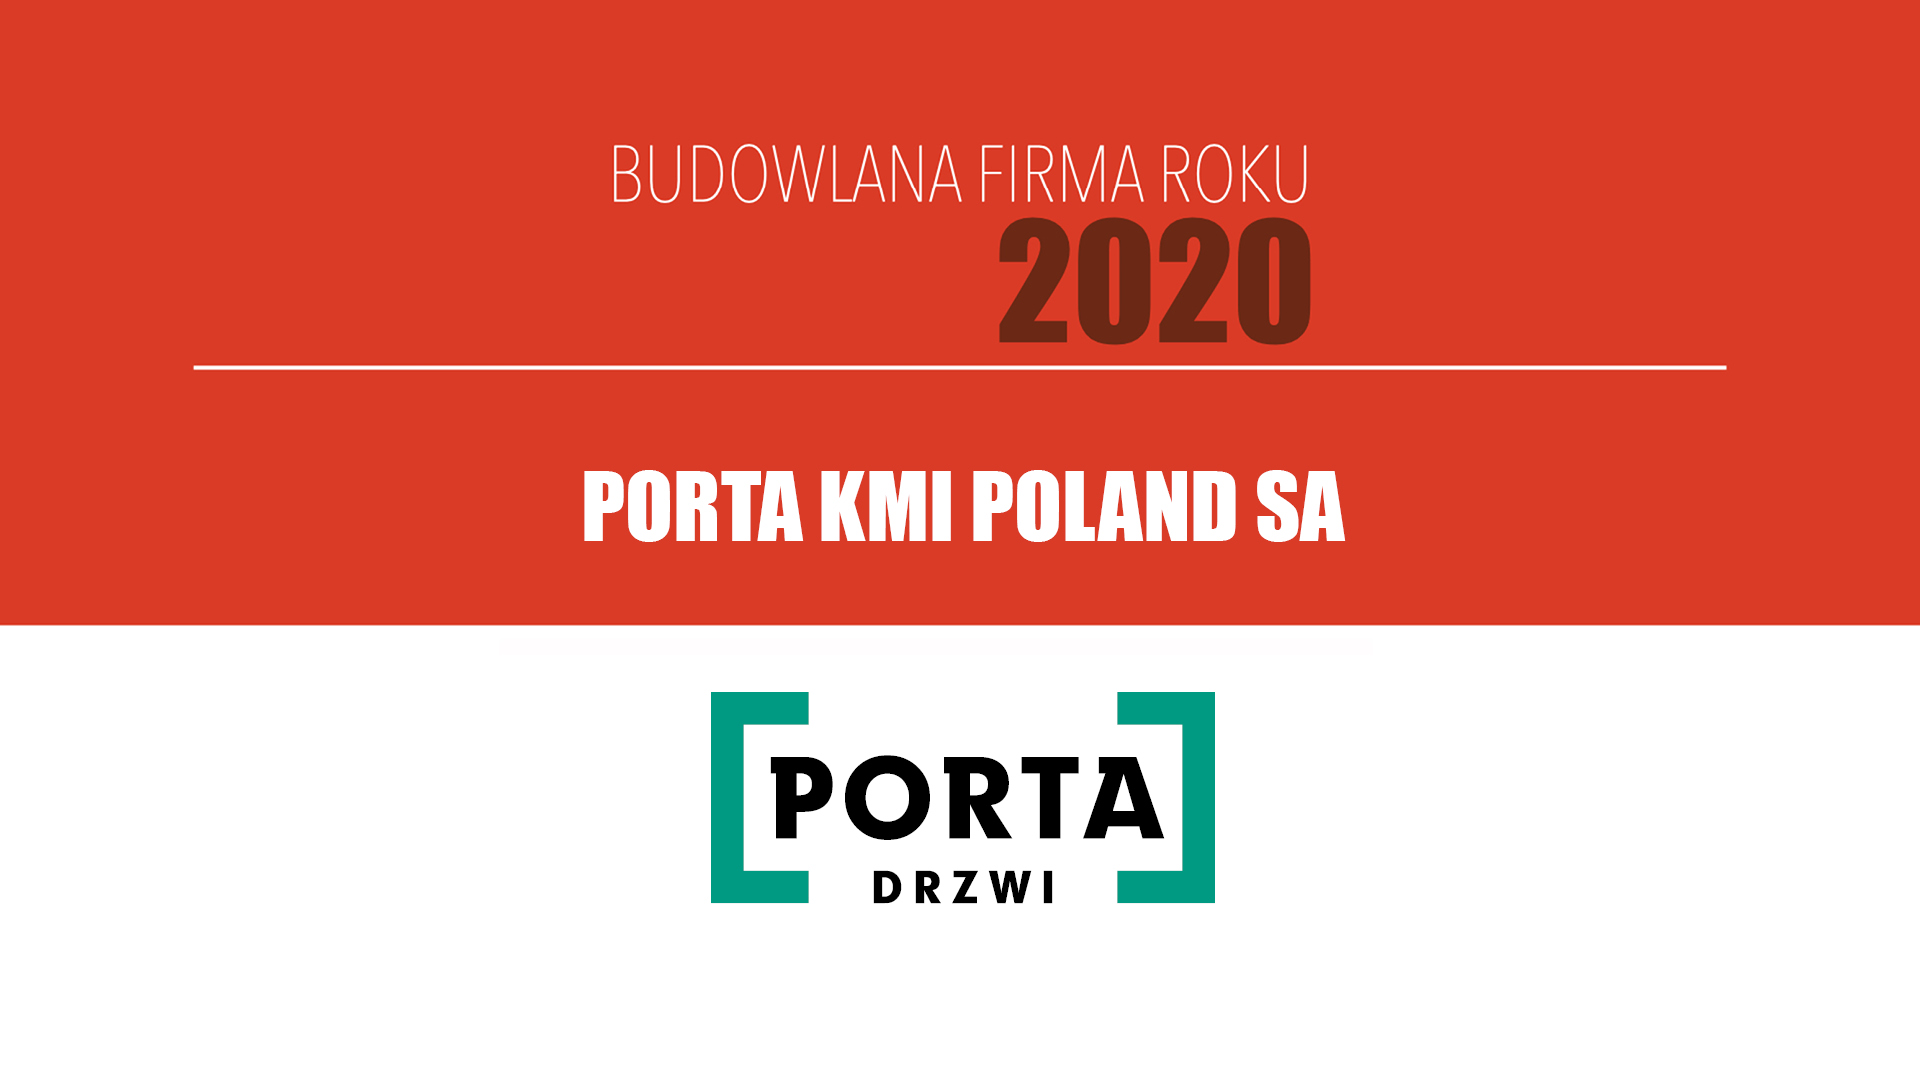 PORTA KMI POLAND SA – Budowlana Firma Roku 2020